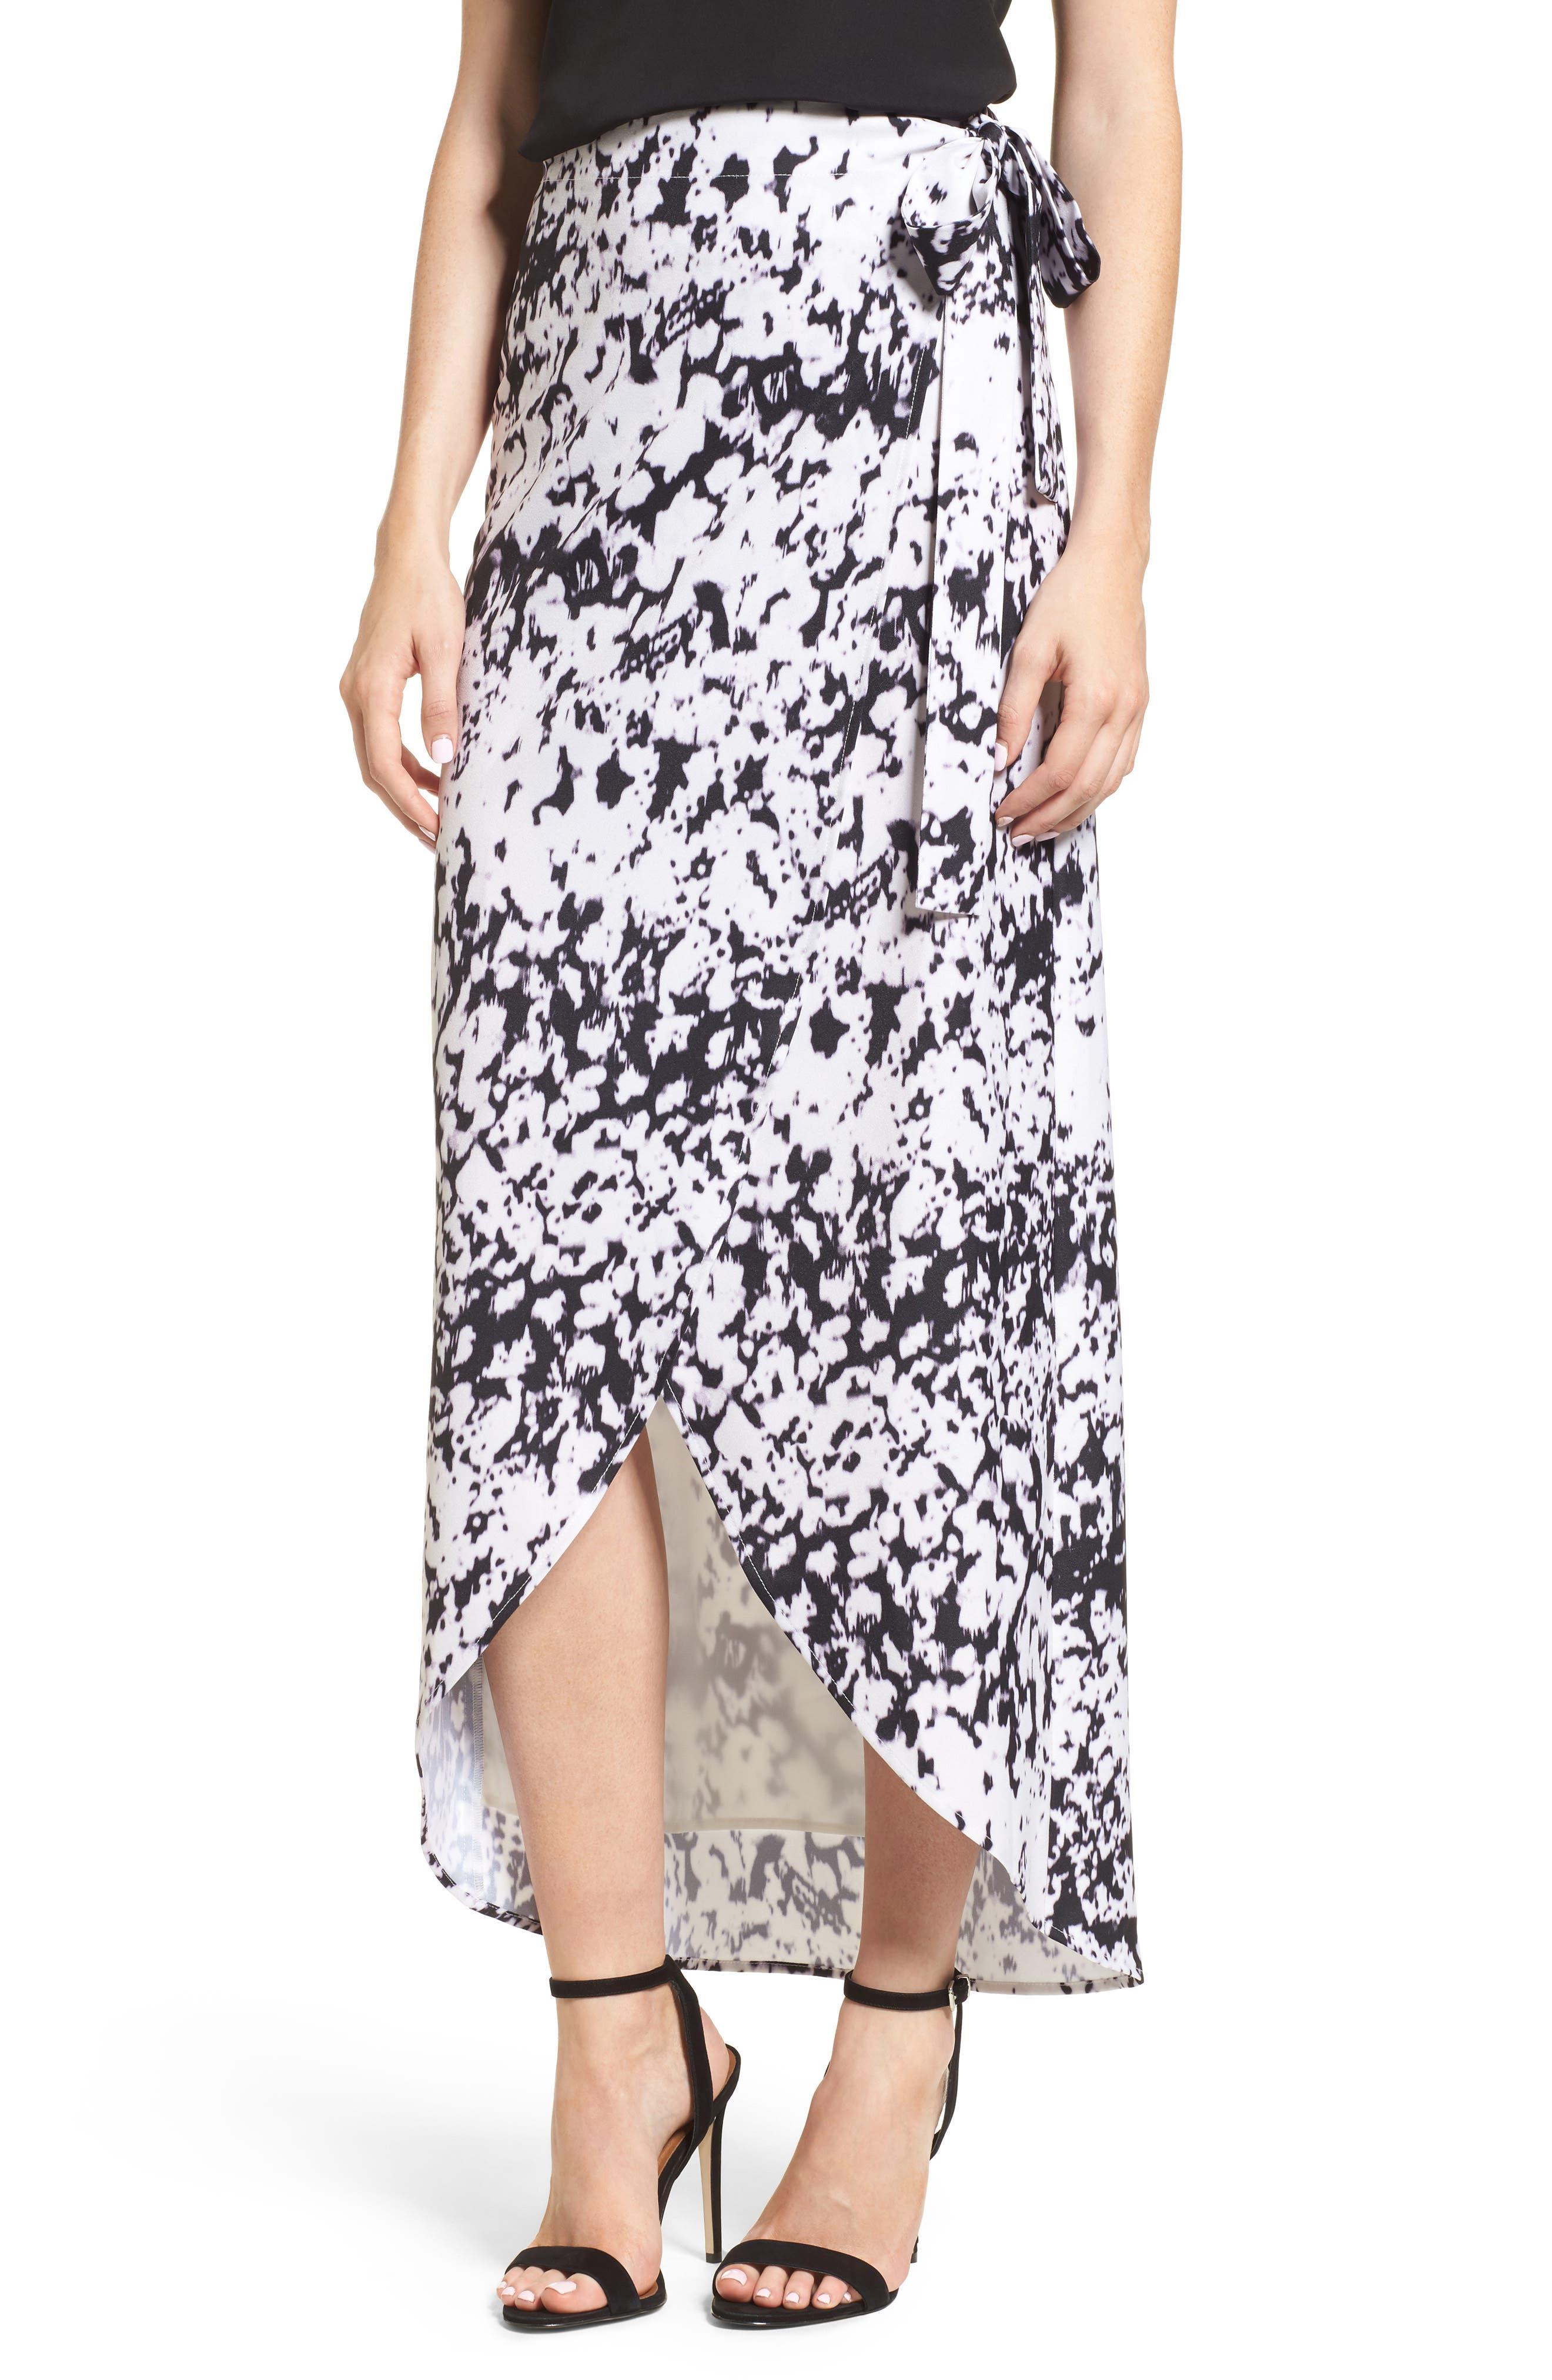 Thieves Like Us Midi Wrap Skirt